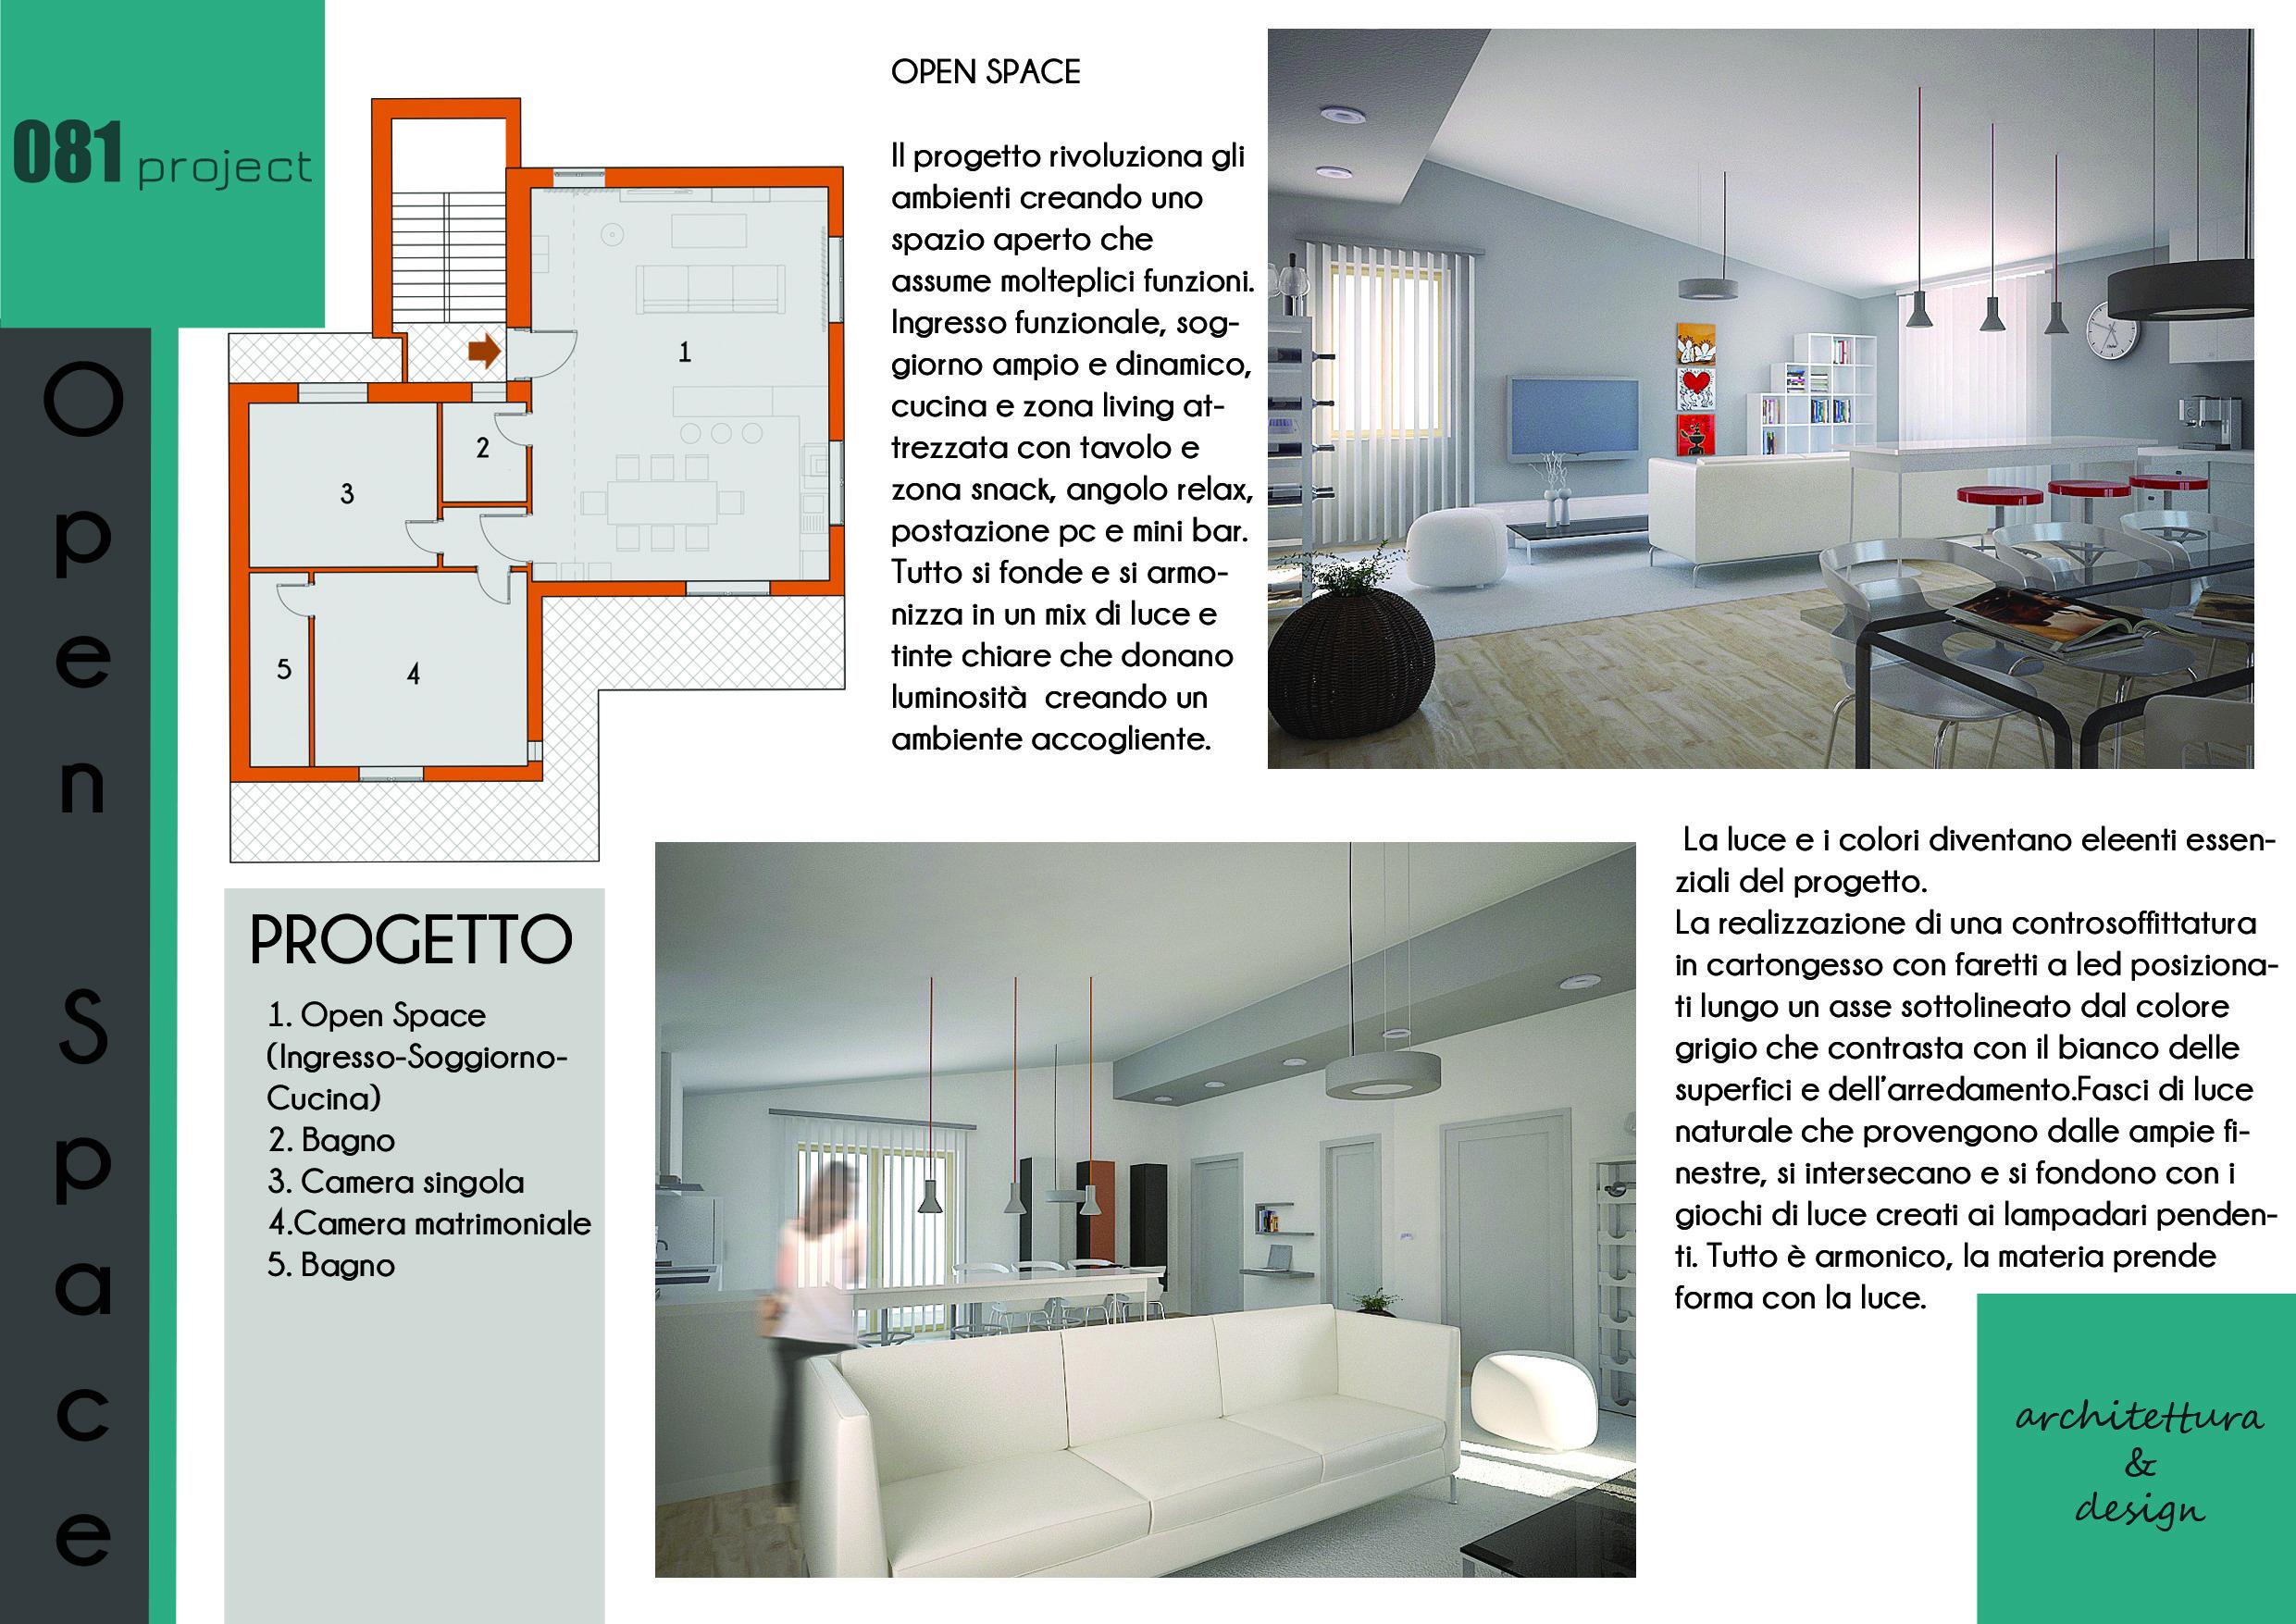 È il nuovo concetto di abitazione moderna, che abbatte i muri e ricerca più spazio, adatta soprattutto ai monolocali, ai loft e ai grandi appartamenti, dove si preferisce la convivialità e il desiderio di fondere due ambienti in. Open Space 081project